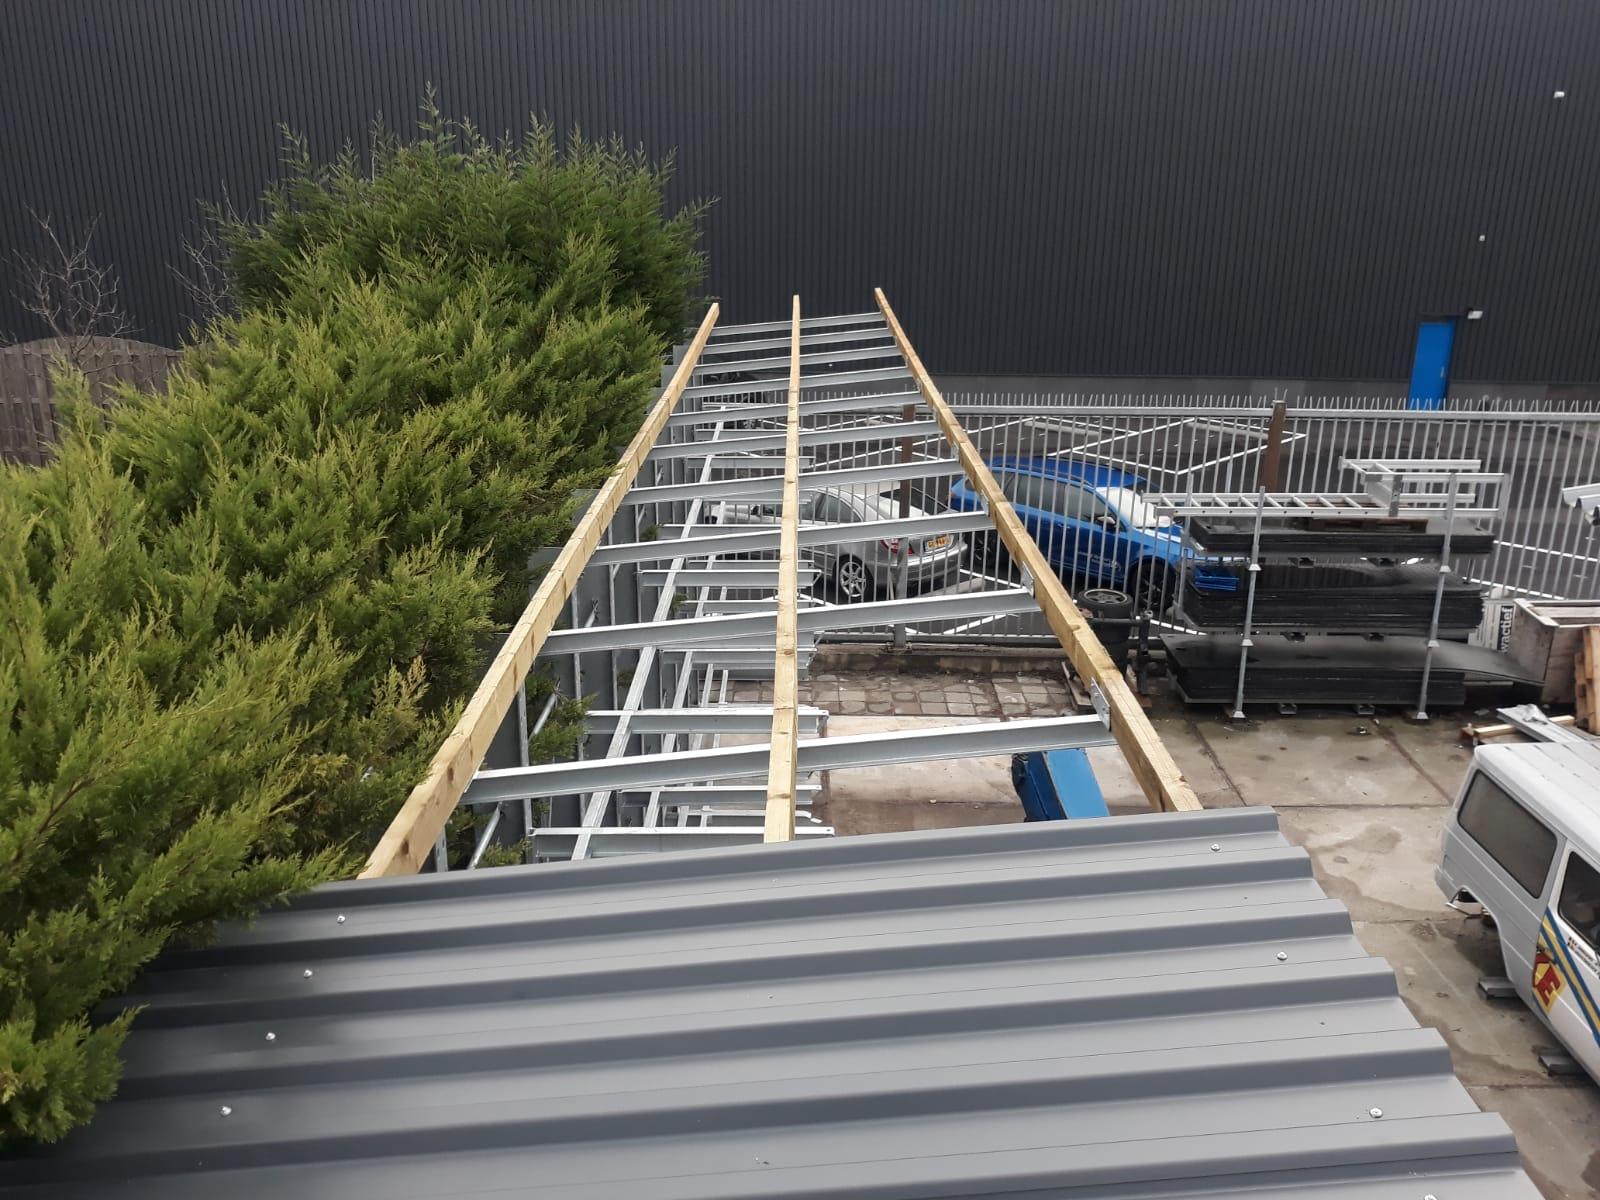 Dakbeplating halverwege draagarmstellingen voorraad buiten verzinkt met dak